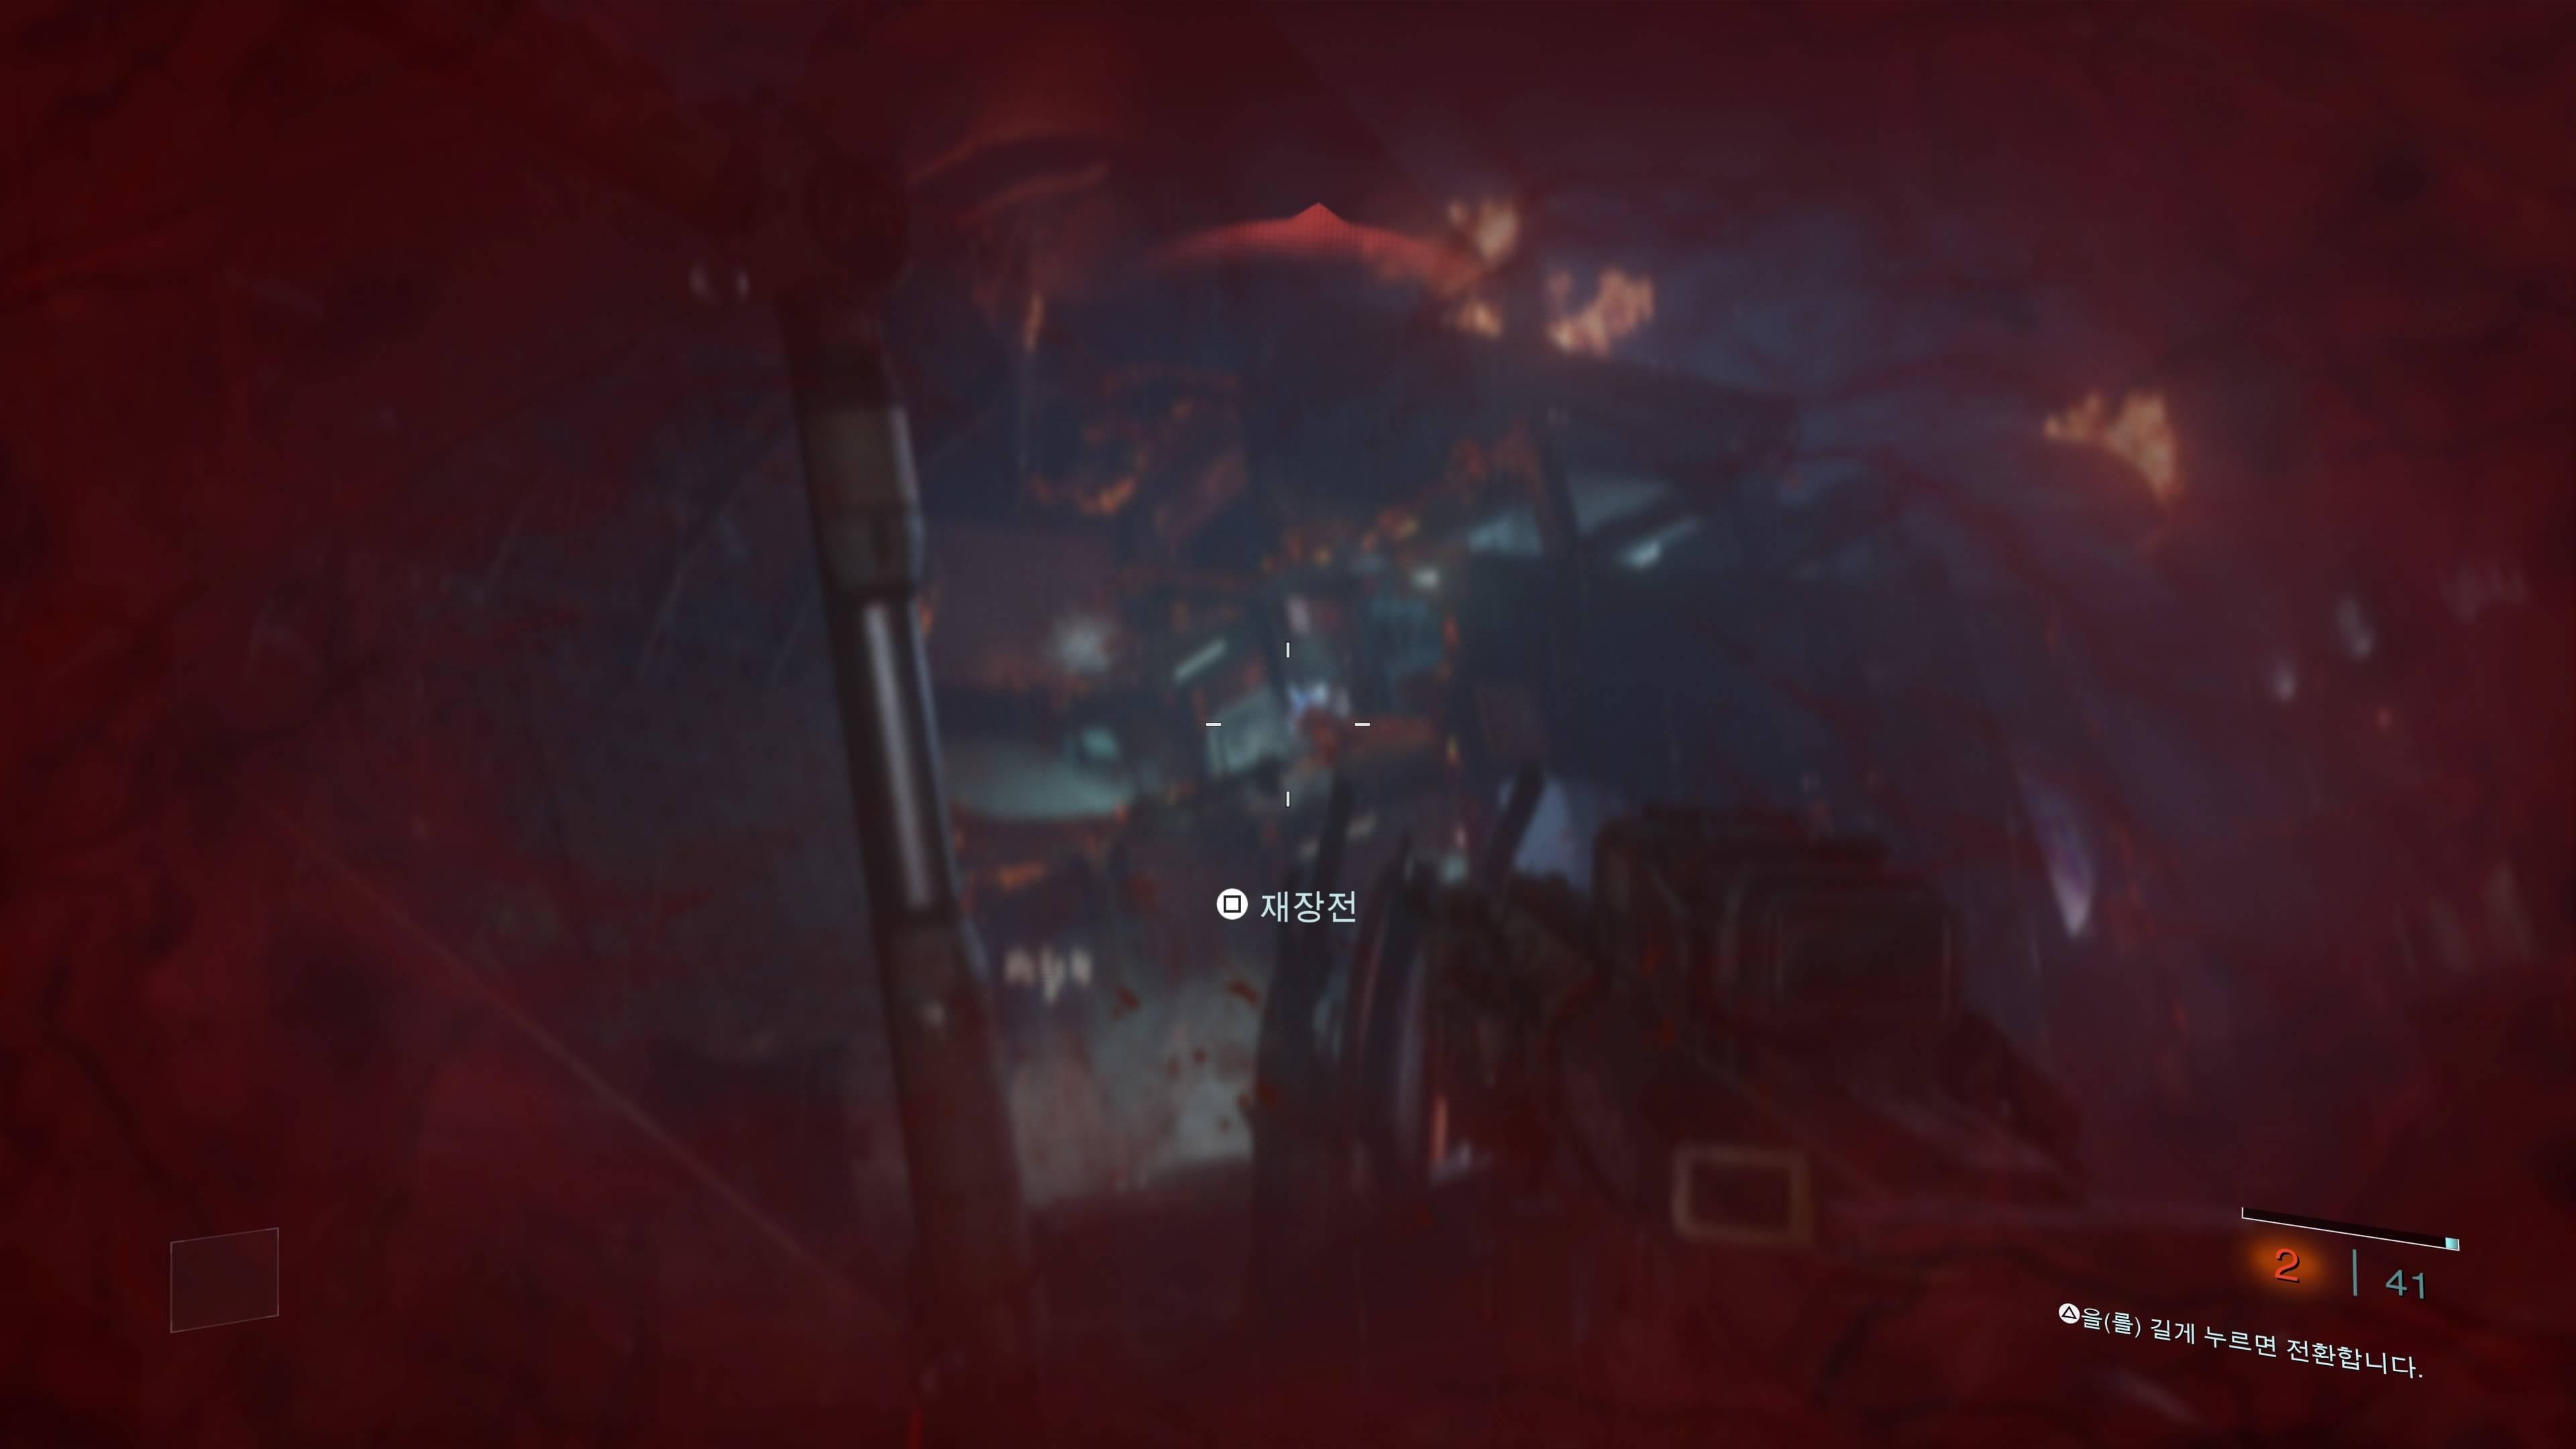 수정됨_Call of Duty®_ Infinite Warfare_20180917063241.jpg